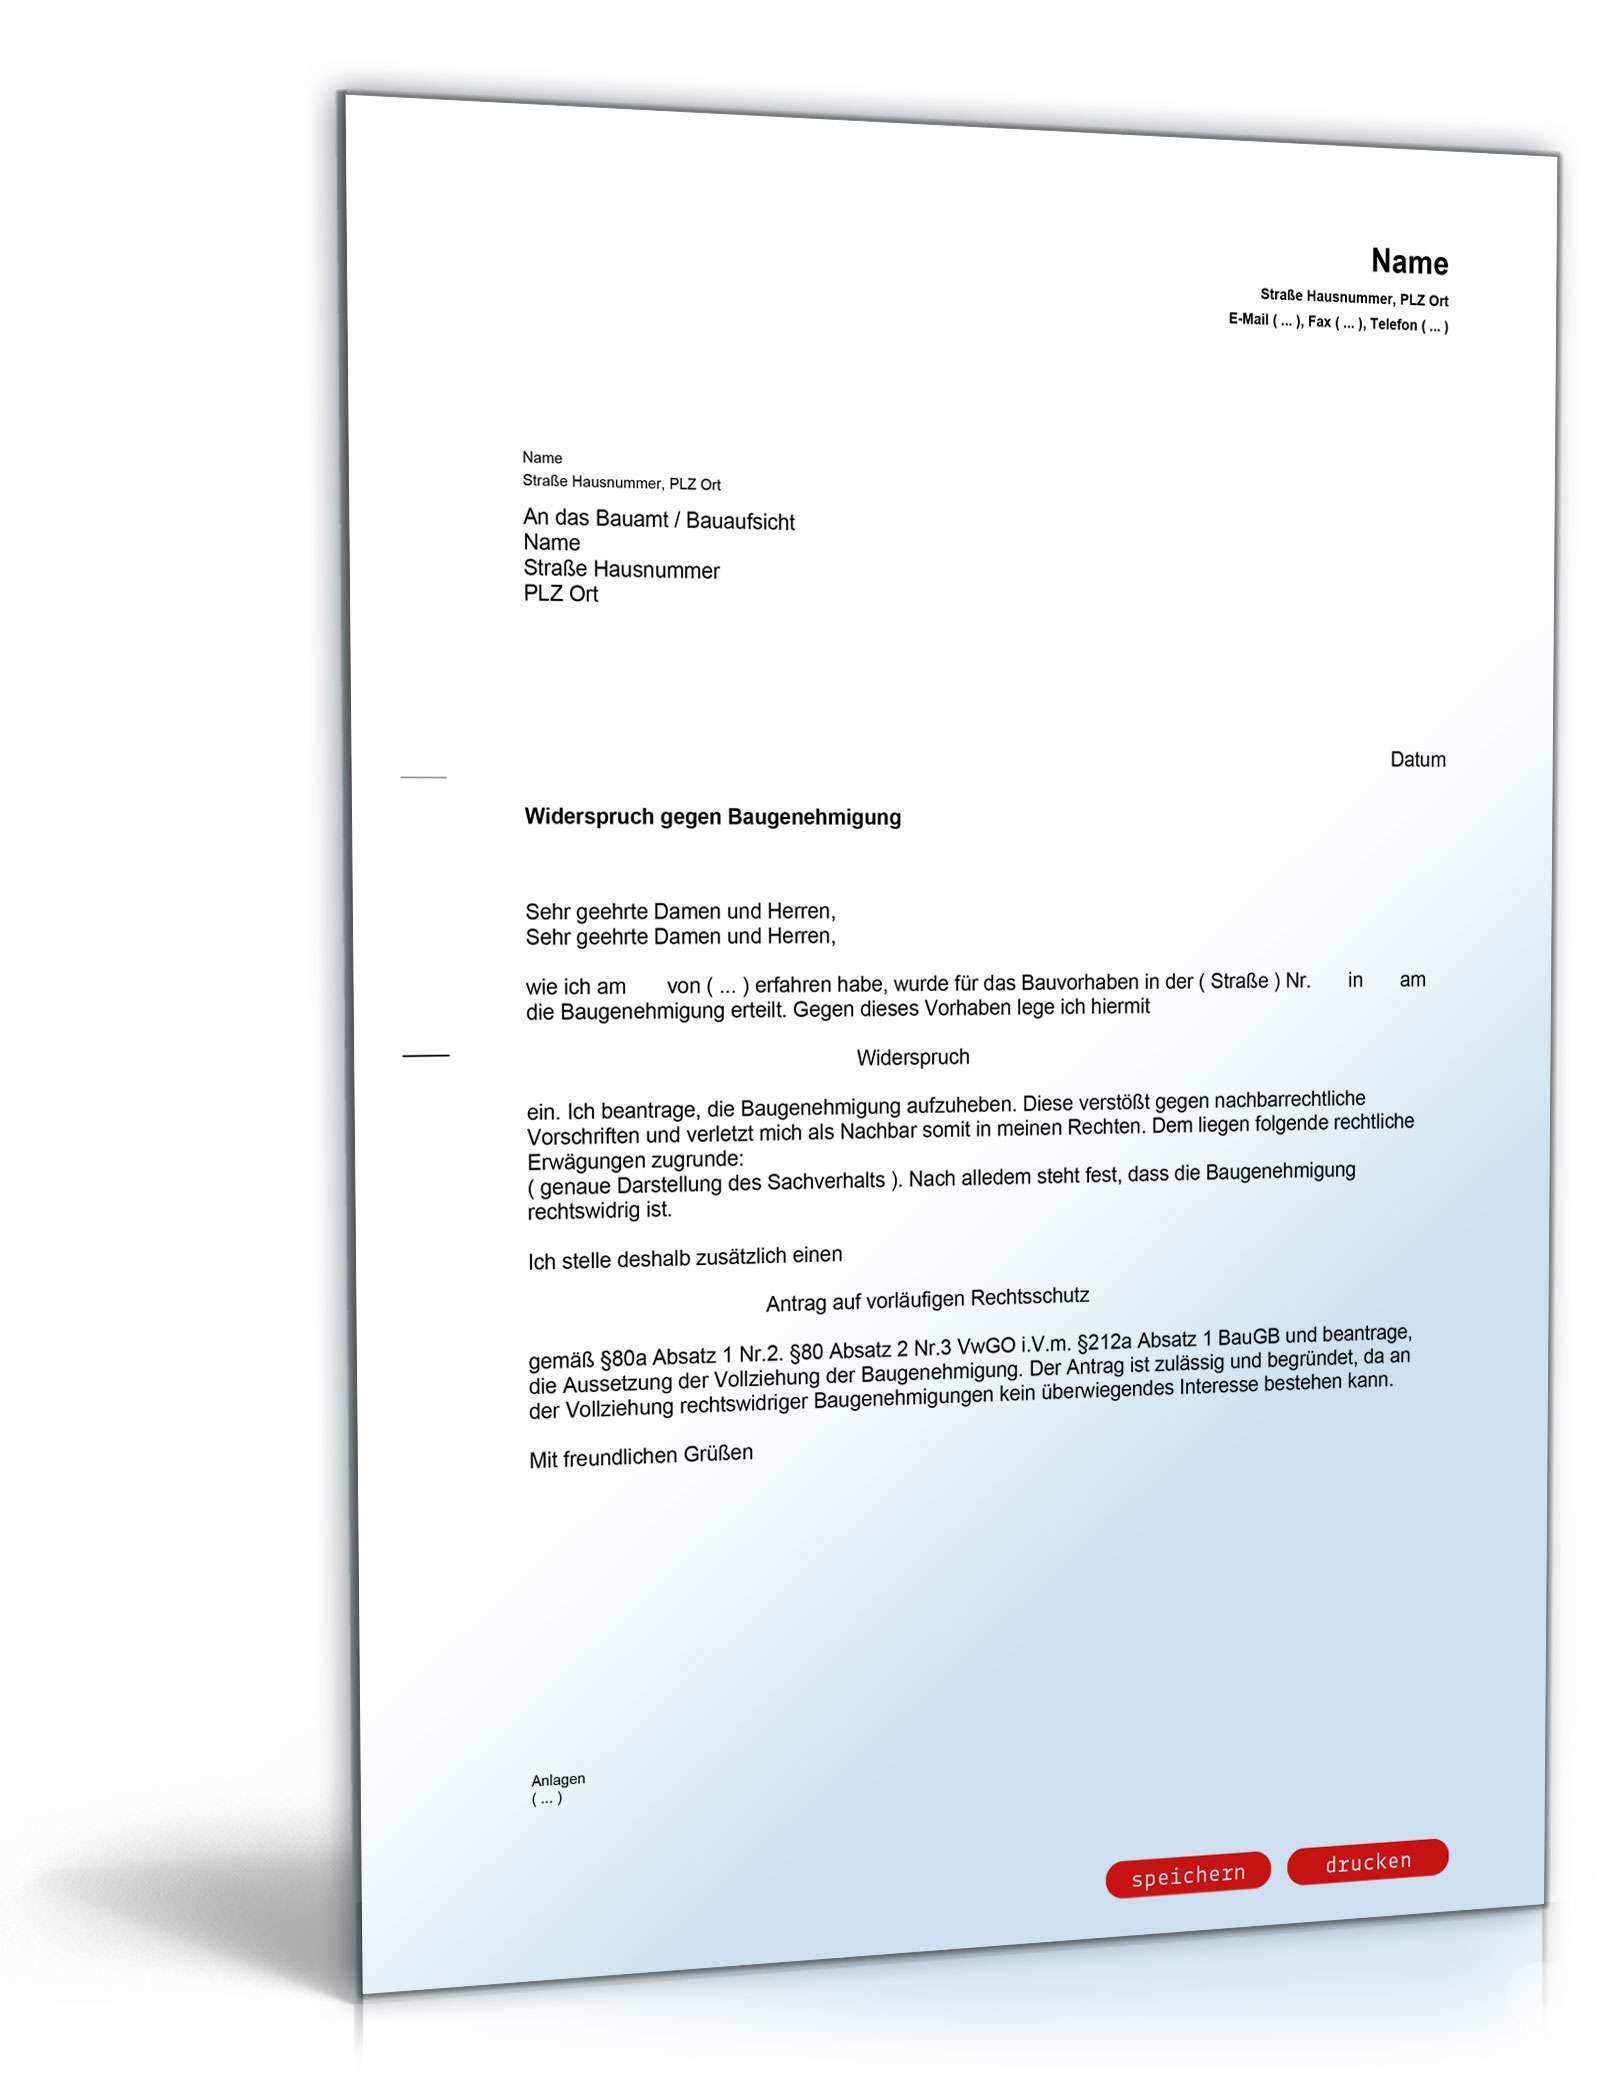 Widerspruch Gegen Baugenehmigung Muster Zum Download